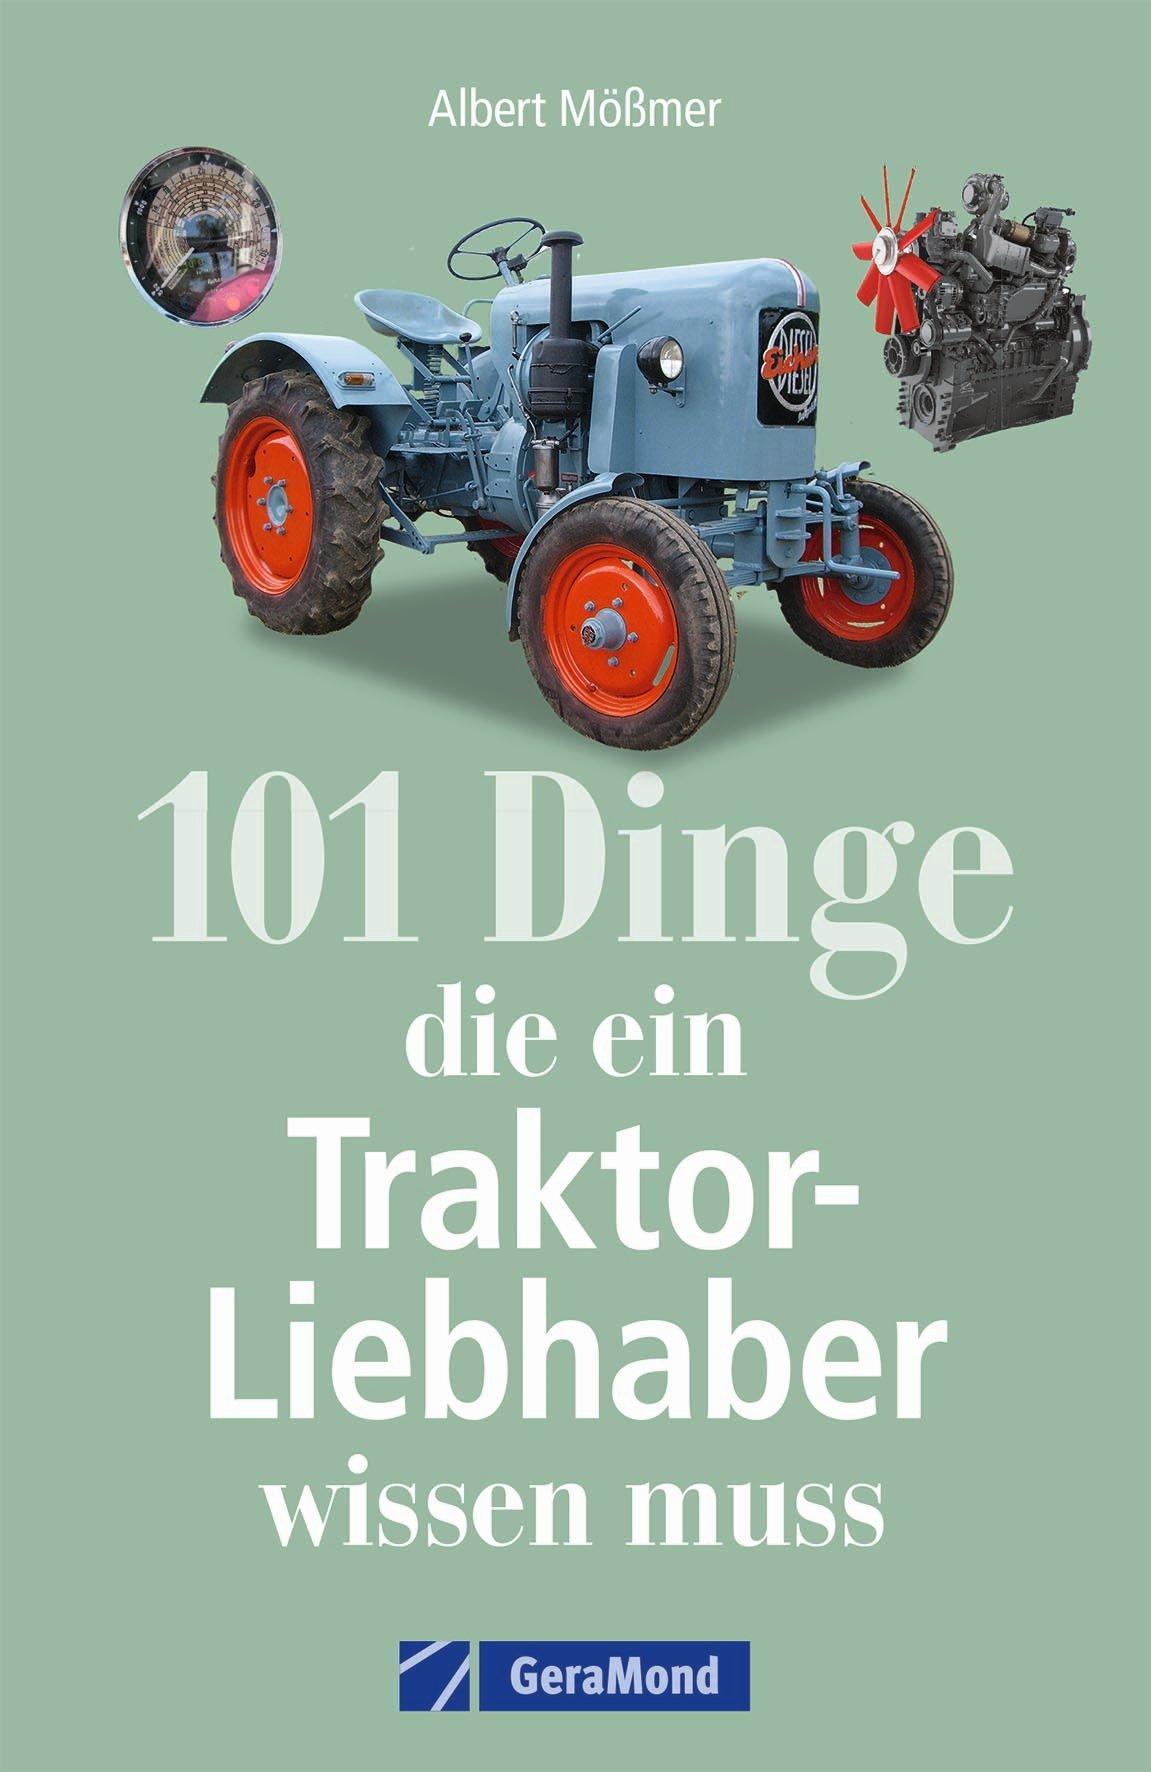 Boek: 101 Dinge, die ein Traktor-Liebhaber wissen muss